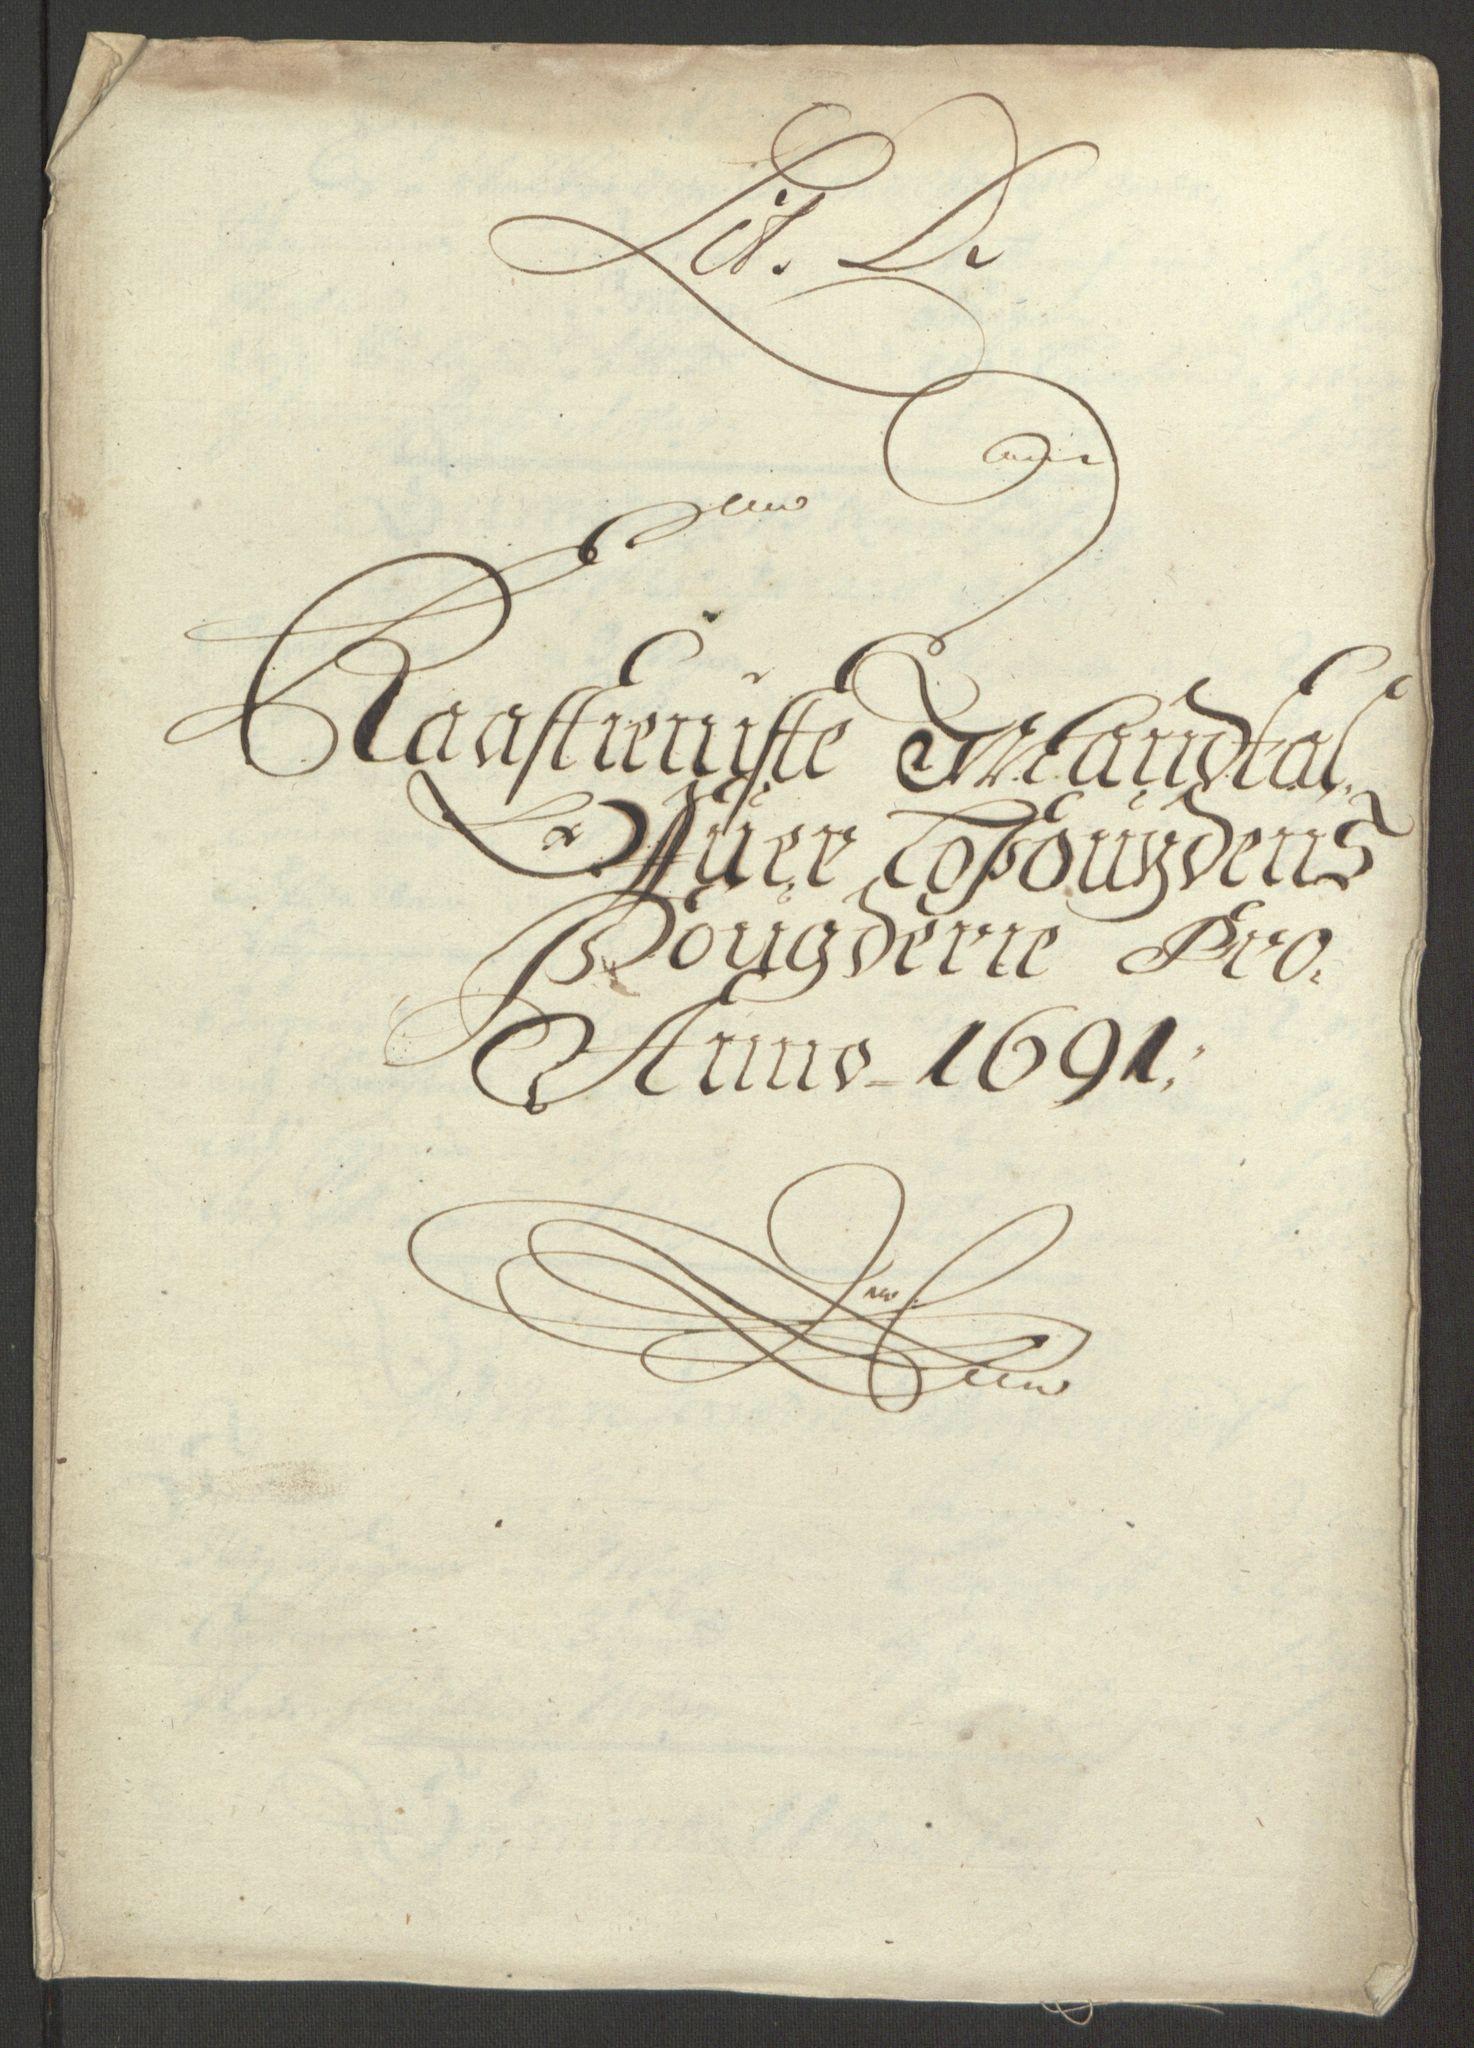 RA, Rentekammeret inntil 1814, Reviderte regnskaper, Fogderegnskap, R67/L4675: Fogderegnskap Vesterålen, Andenes og Lofoten, 1691-1693, s. 38